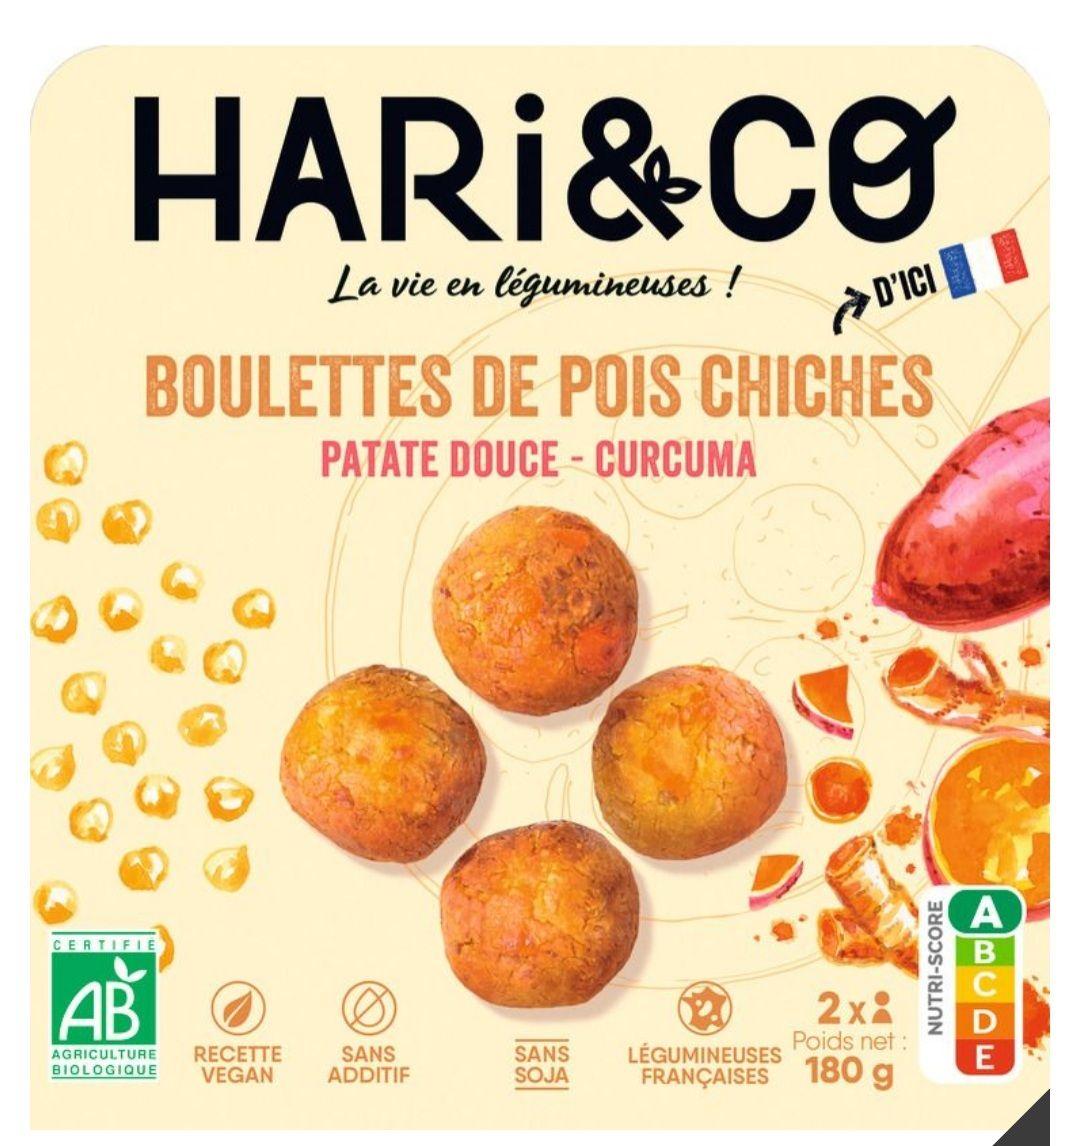 Hari&co Végétale bio (divers variété - 180g) - Ex : Boulettes Pois chiche Patate Douce et Curcuma (via Shopmium)